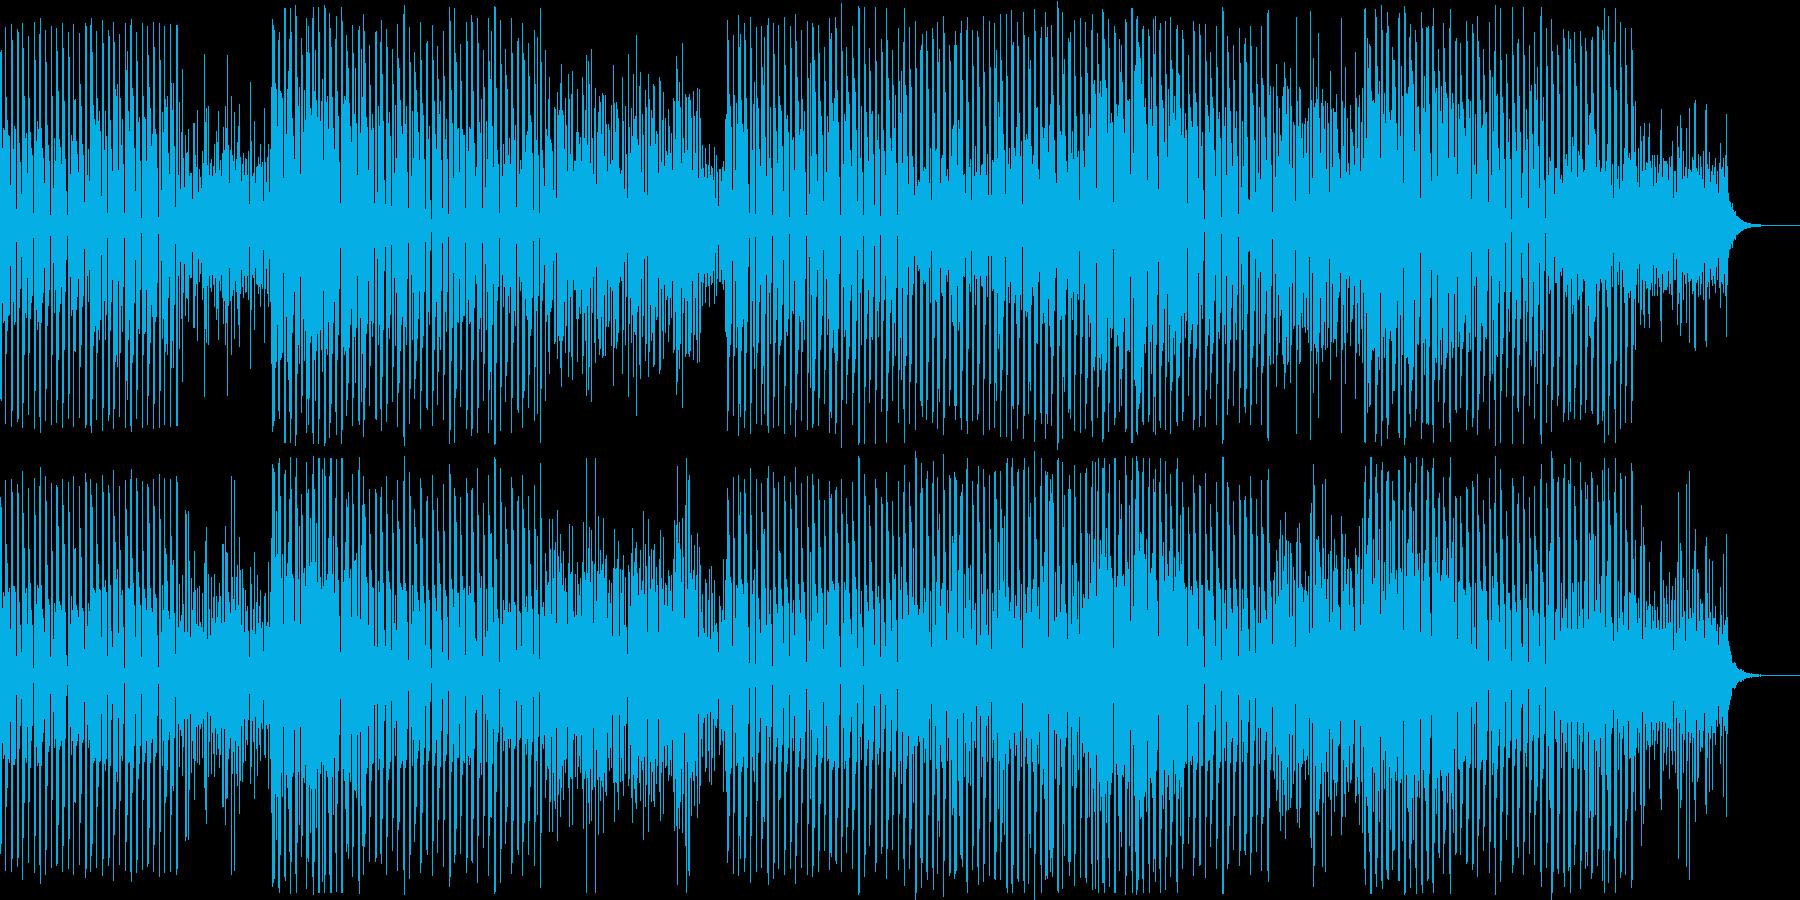 オーケストラ、パーカッション、ミニマルの再生済みの波形